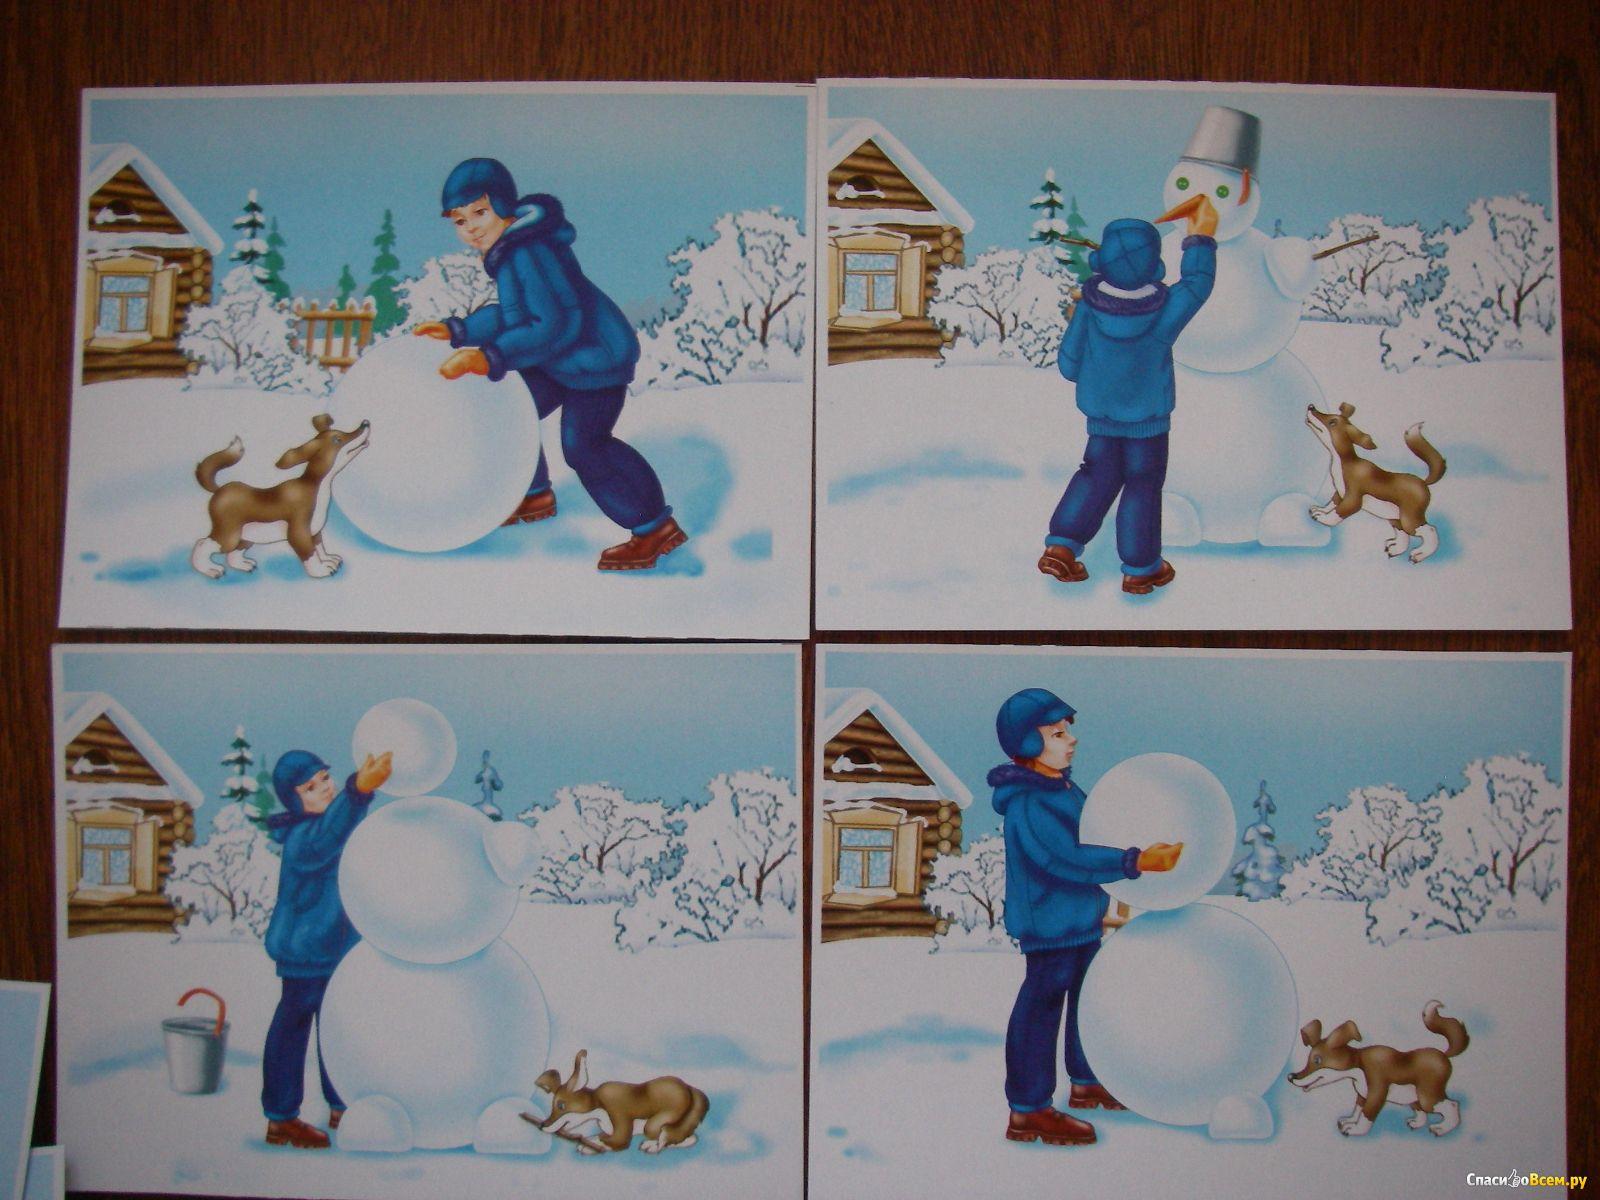 закрытая, всеми занятие по серии сюжетных картинок снеговик могут залетать помещения